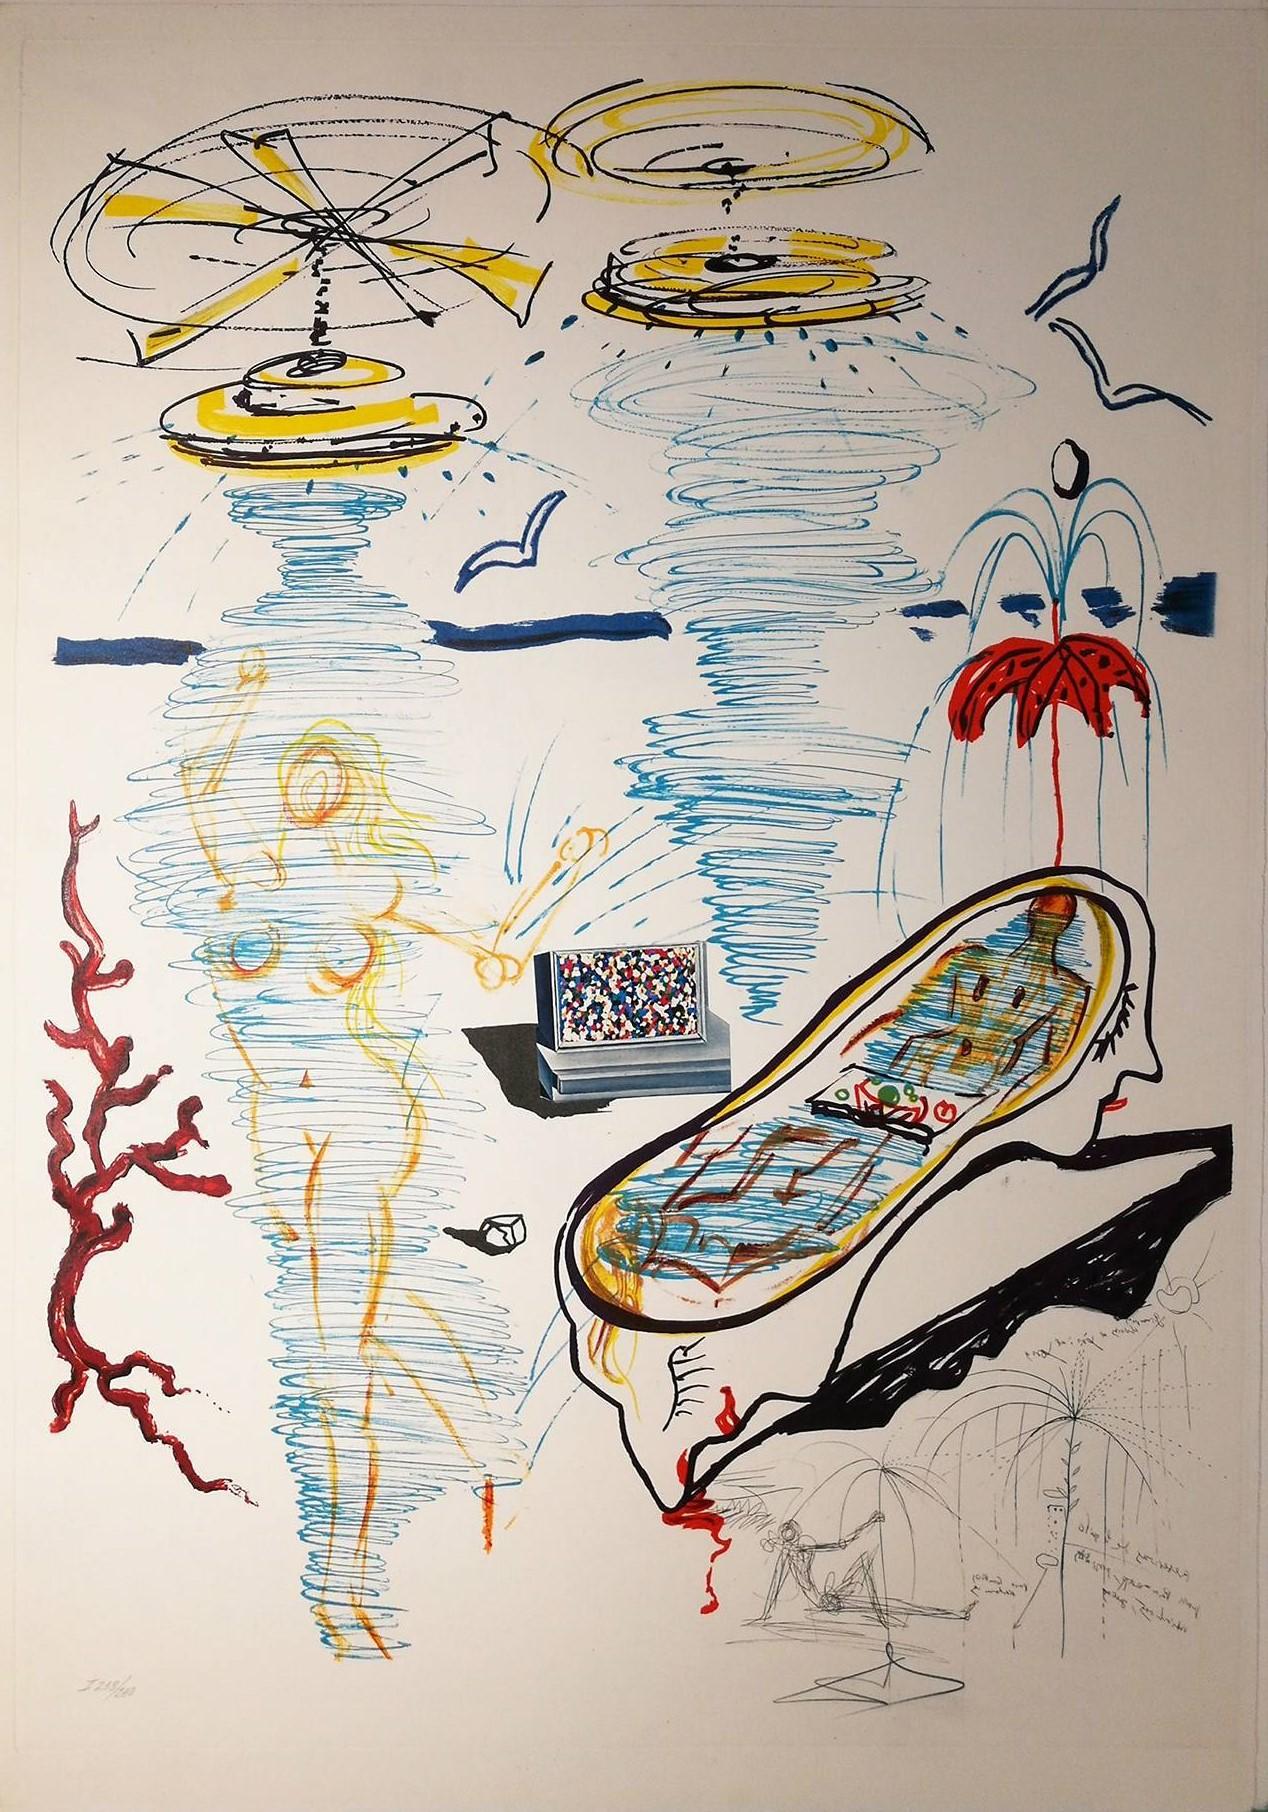 Liquid tornado bath tub imaginations et objets du futur dali